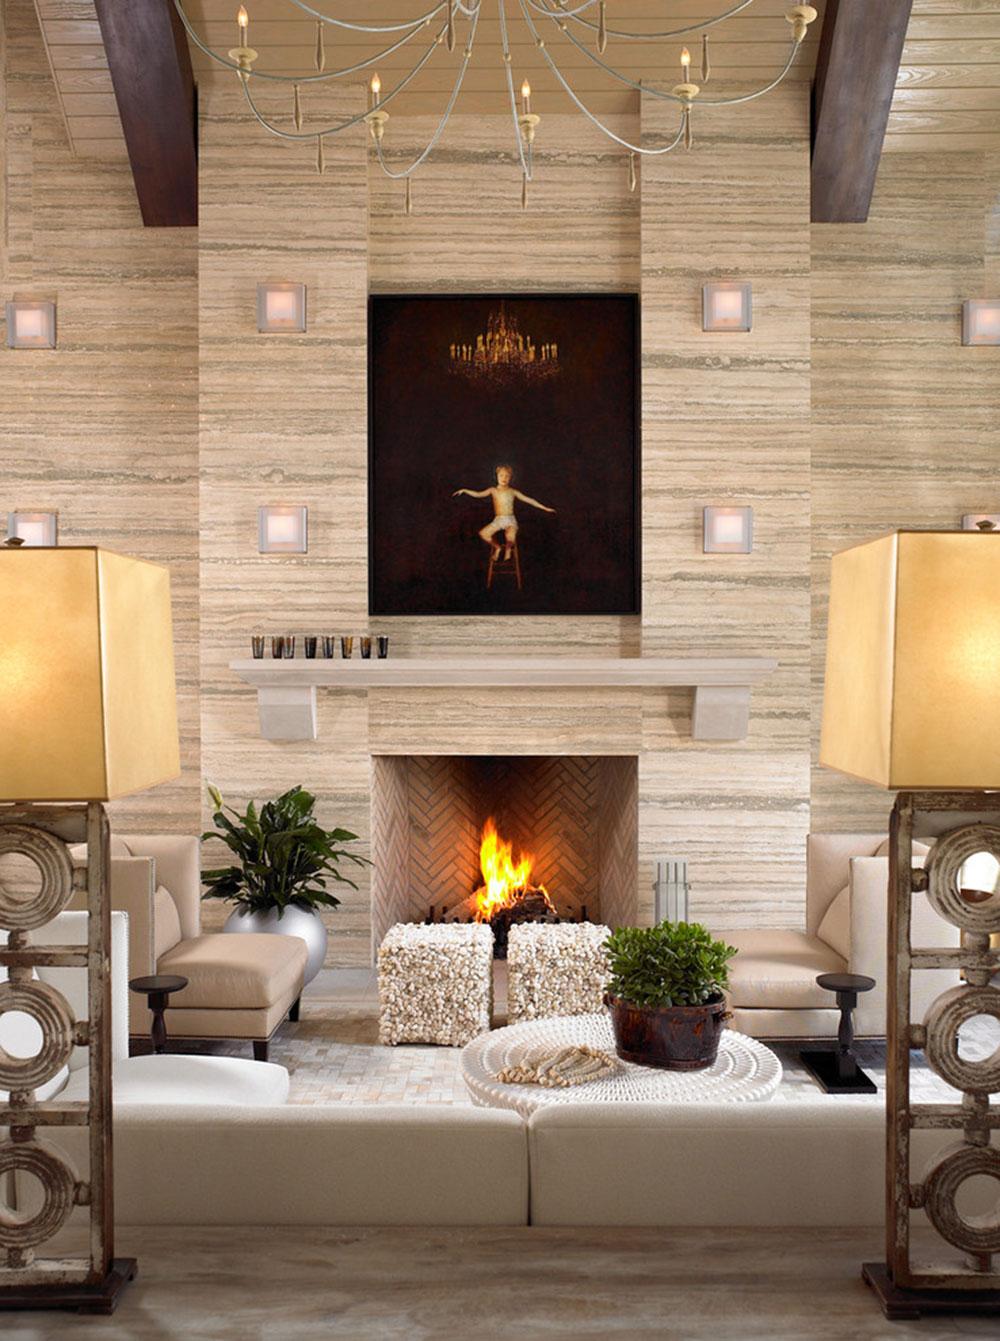 Eldstadsbeläggning-dekoration-idéer-för-ett-mysigt-hem